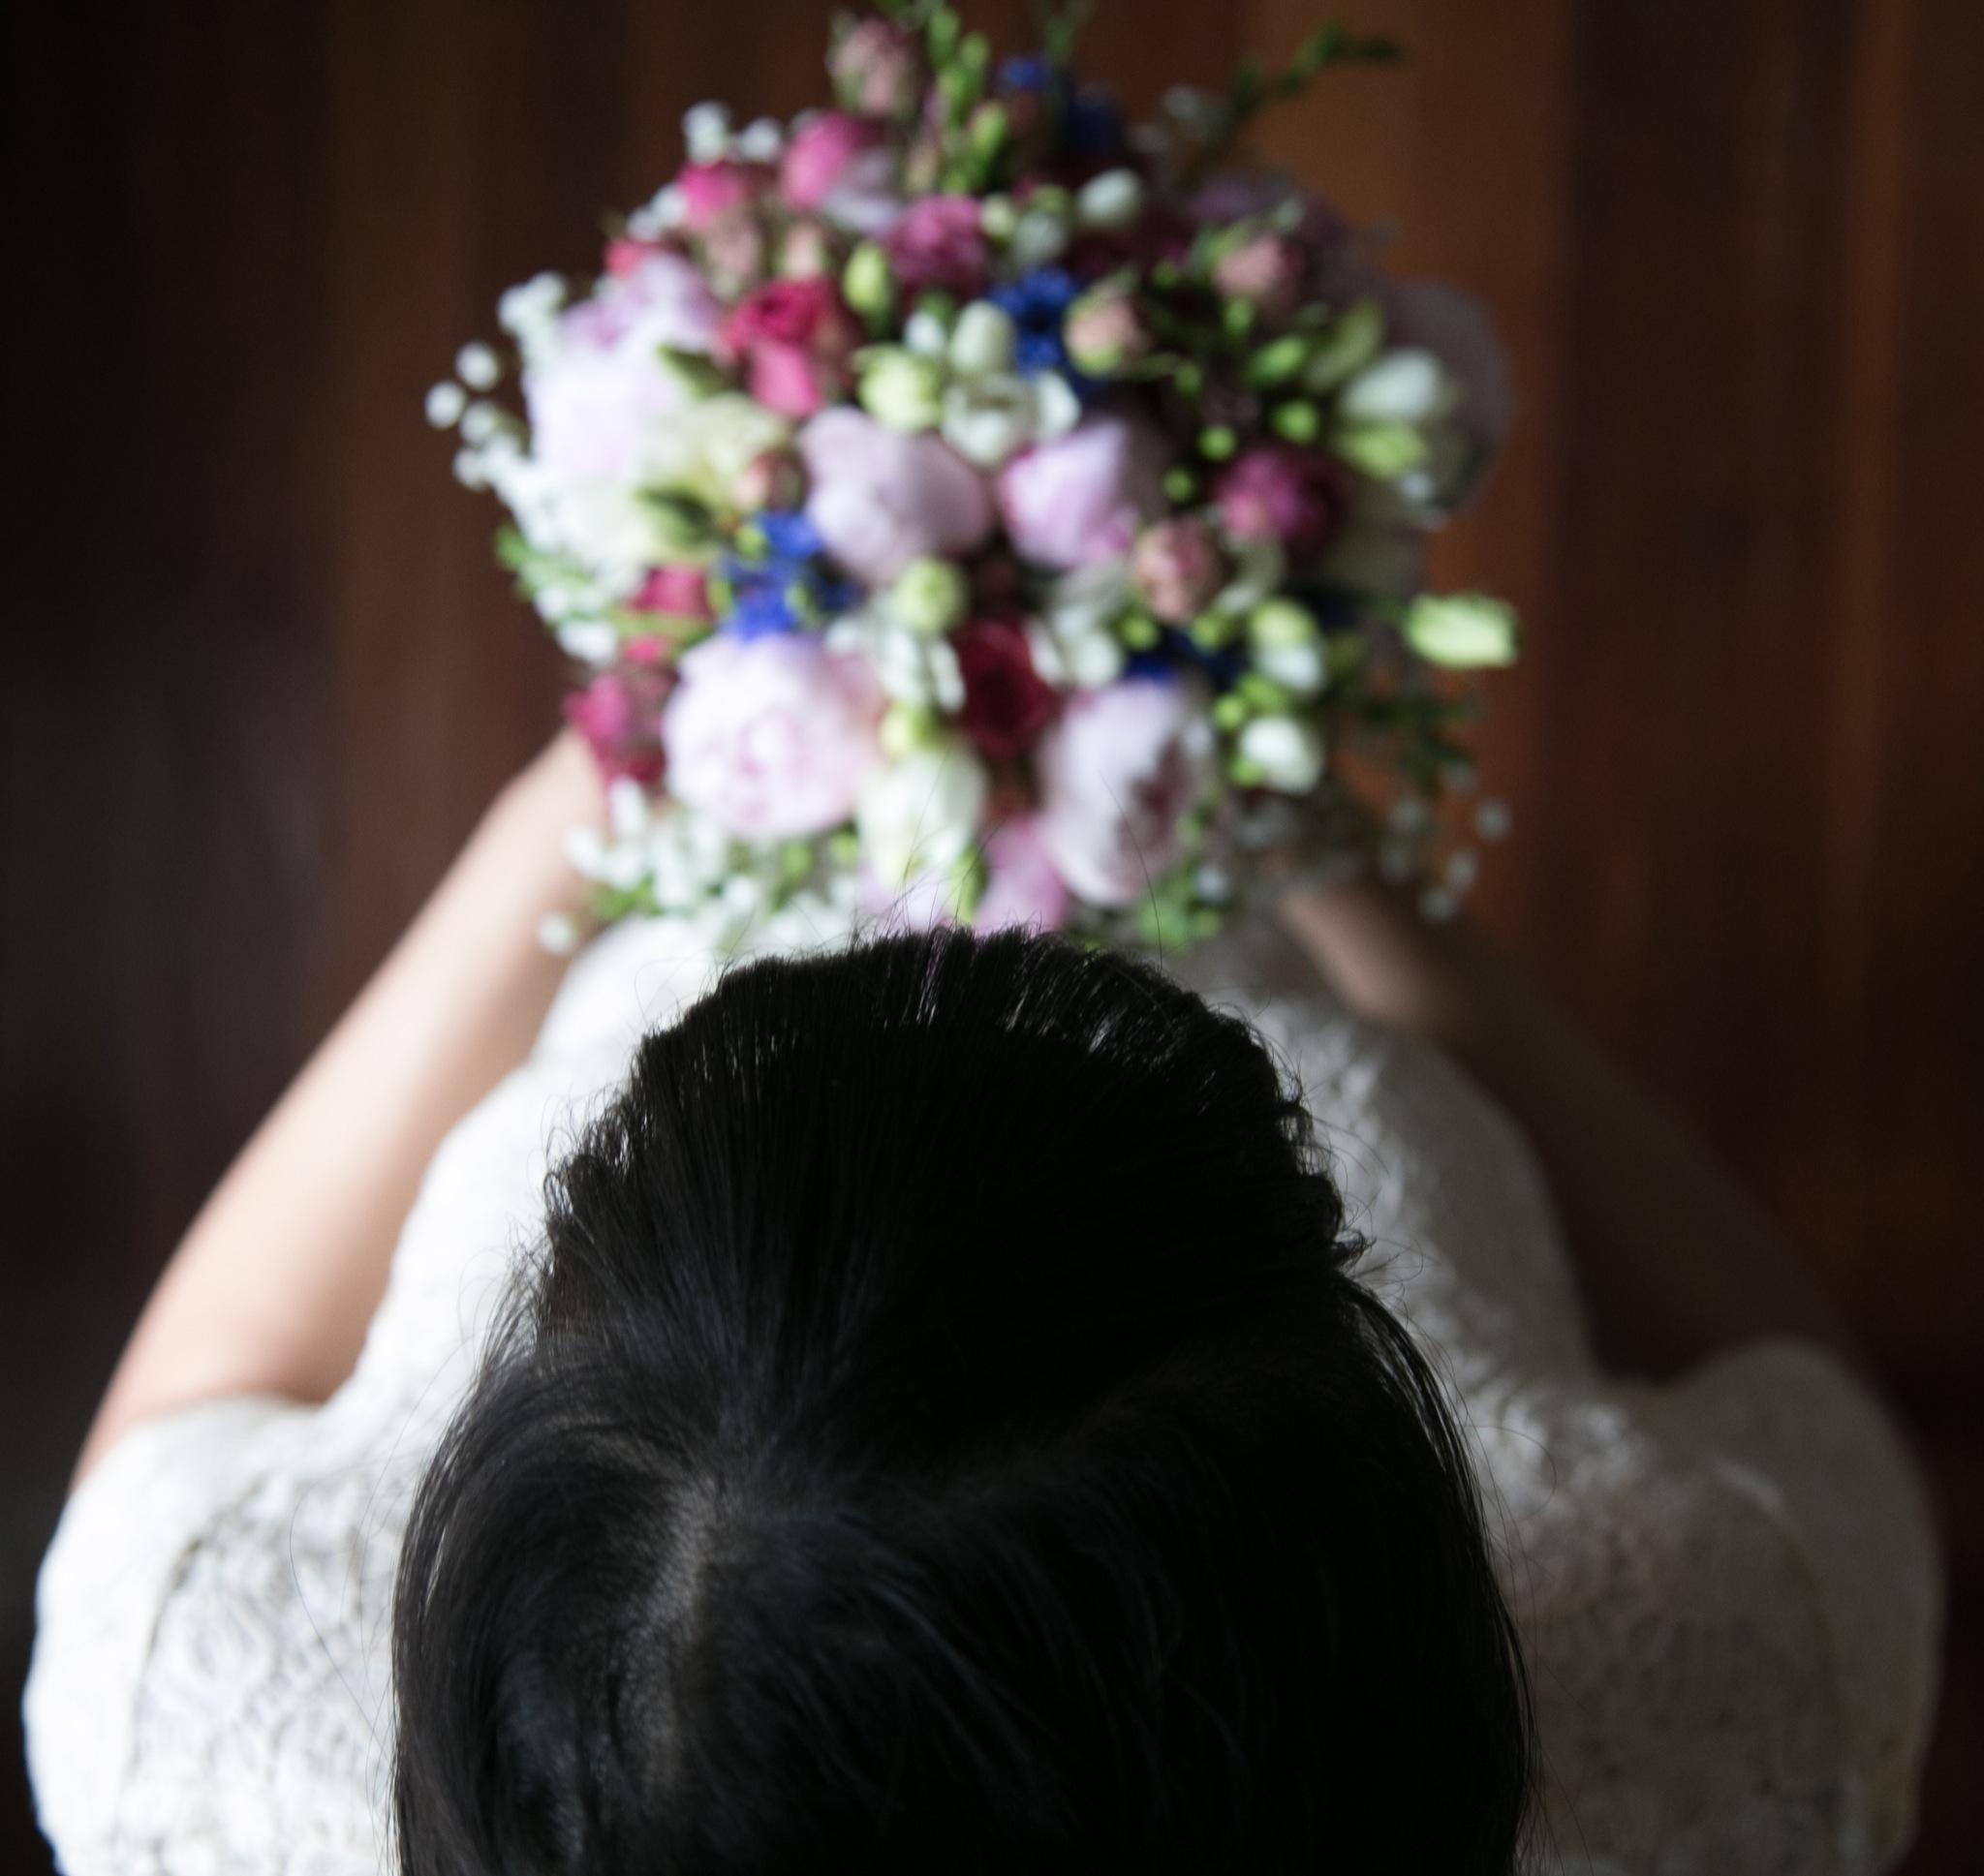 sarahs-flowers-10.jpg